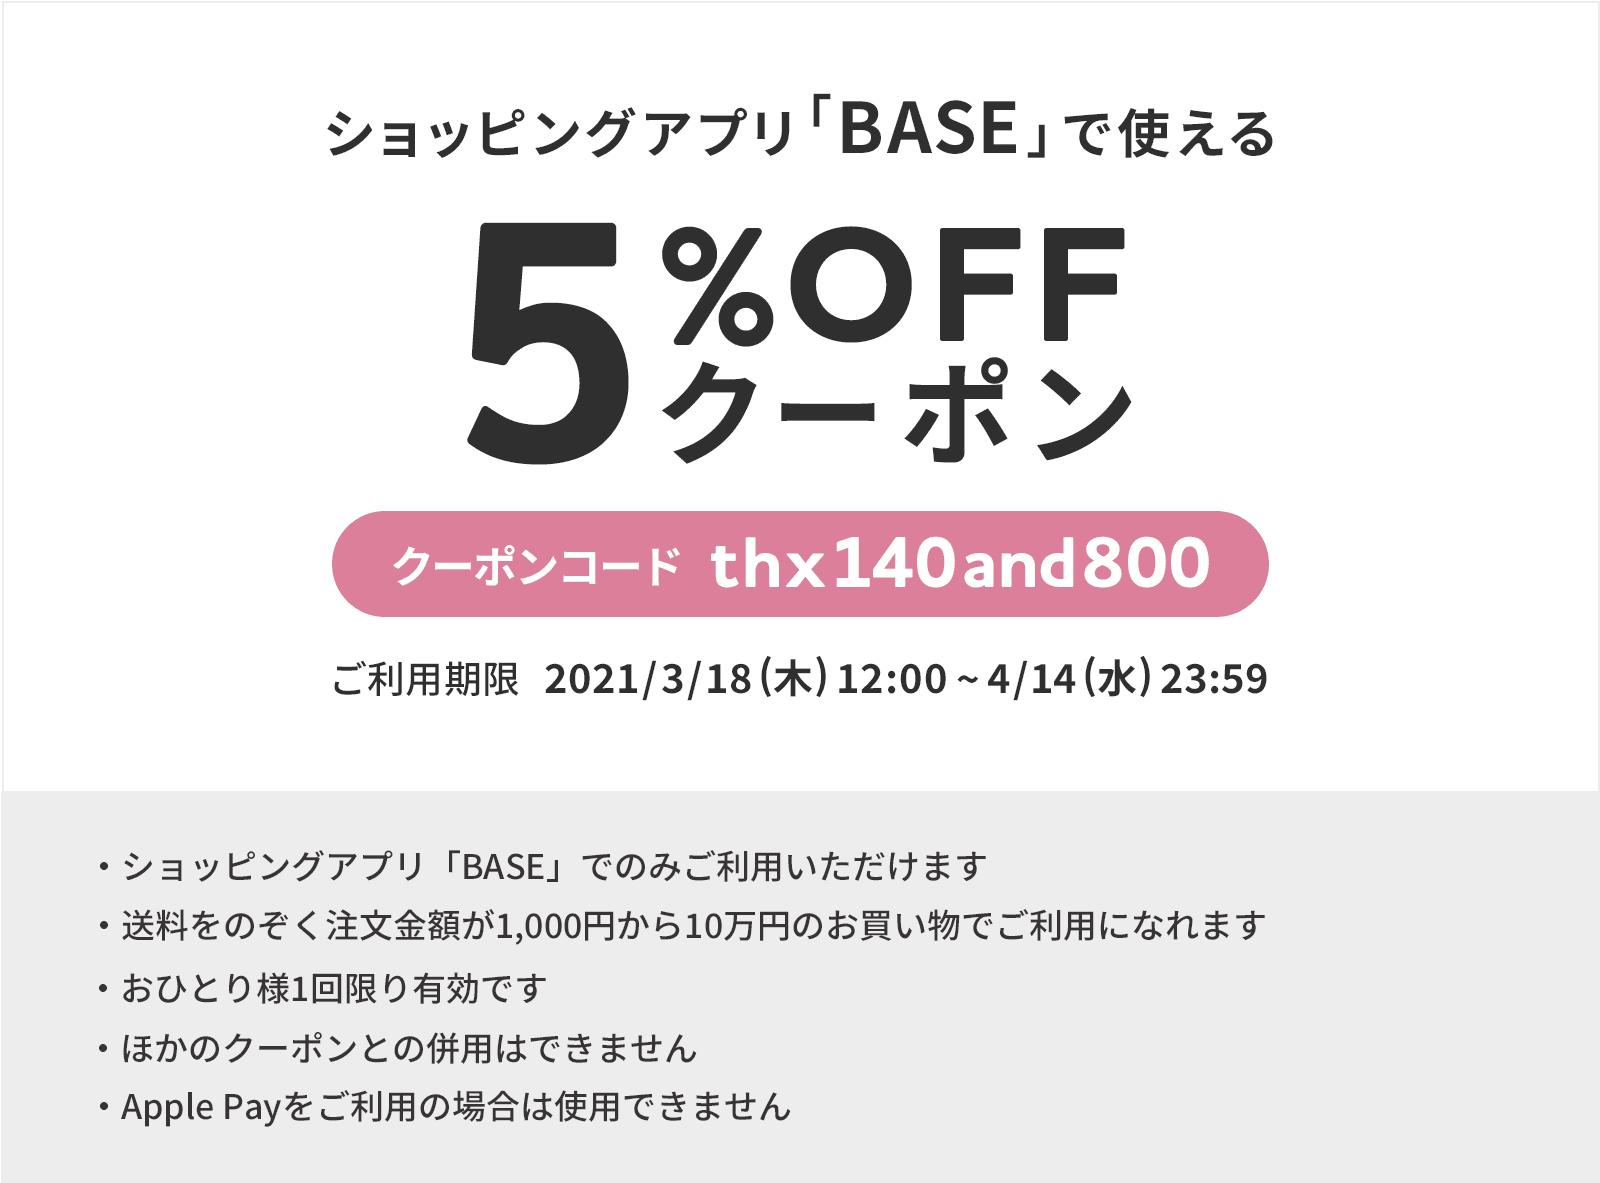 5%OFF!ショッピングアプリ「BASE」で使えるクーポン!!